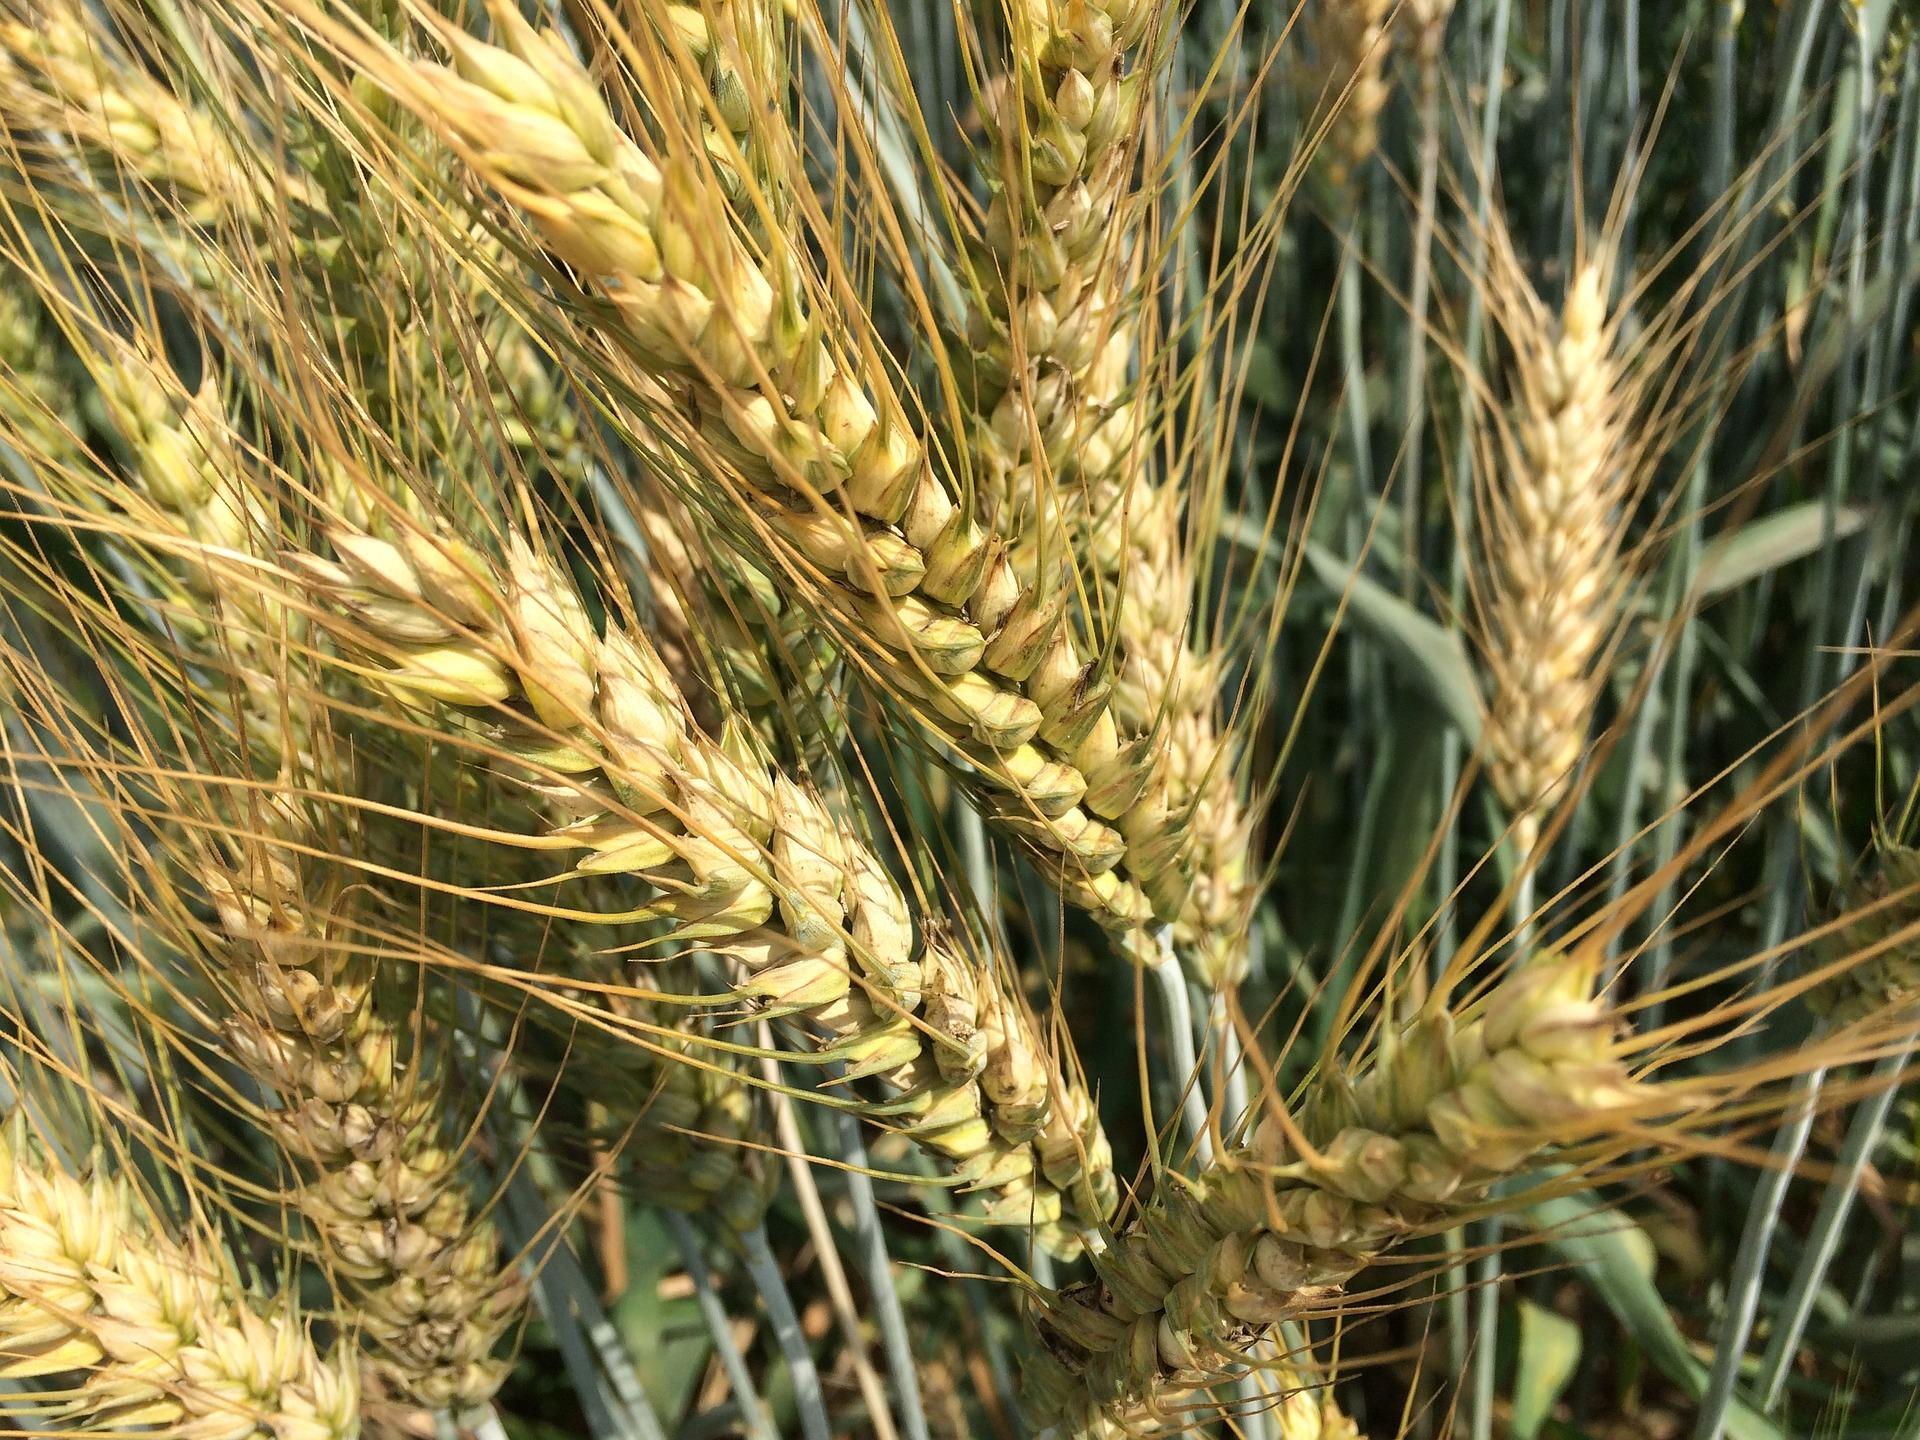 З України експортували 13,1 млн тонн зерна нового врожаю